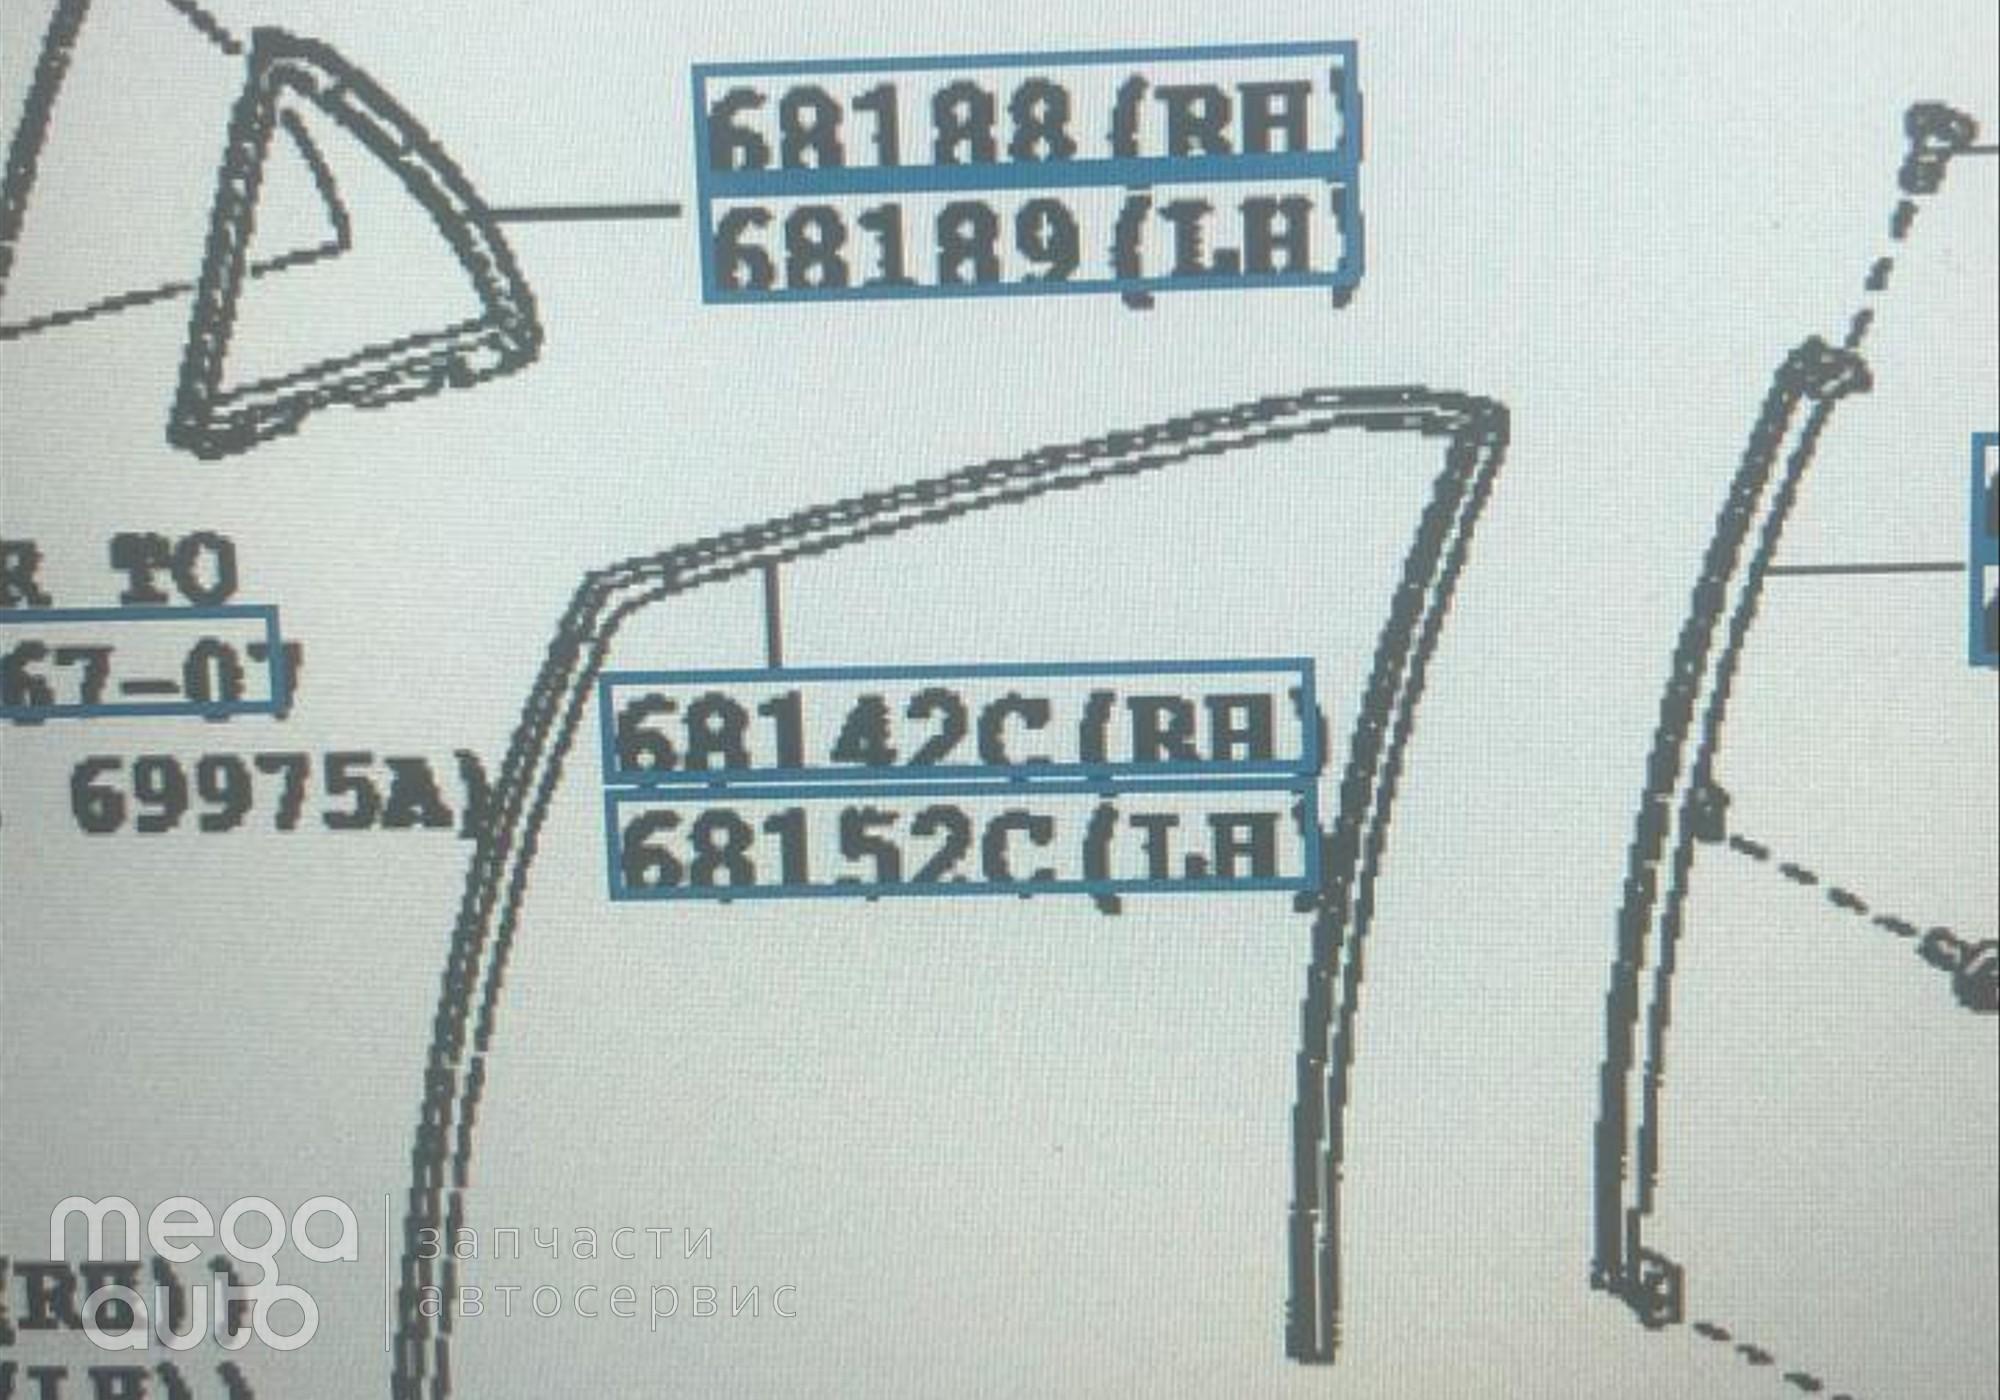 6814212290 Уплотнитель стекла правый для Toyota Corolla E140/E150 (с 2007 по 2013)